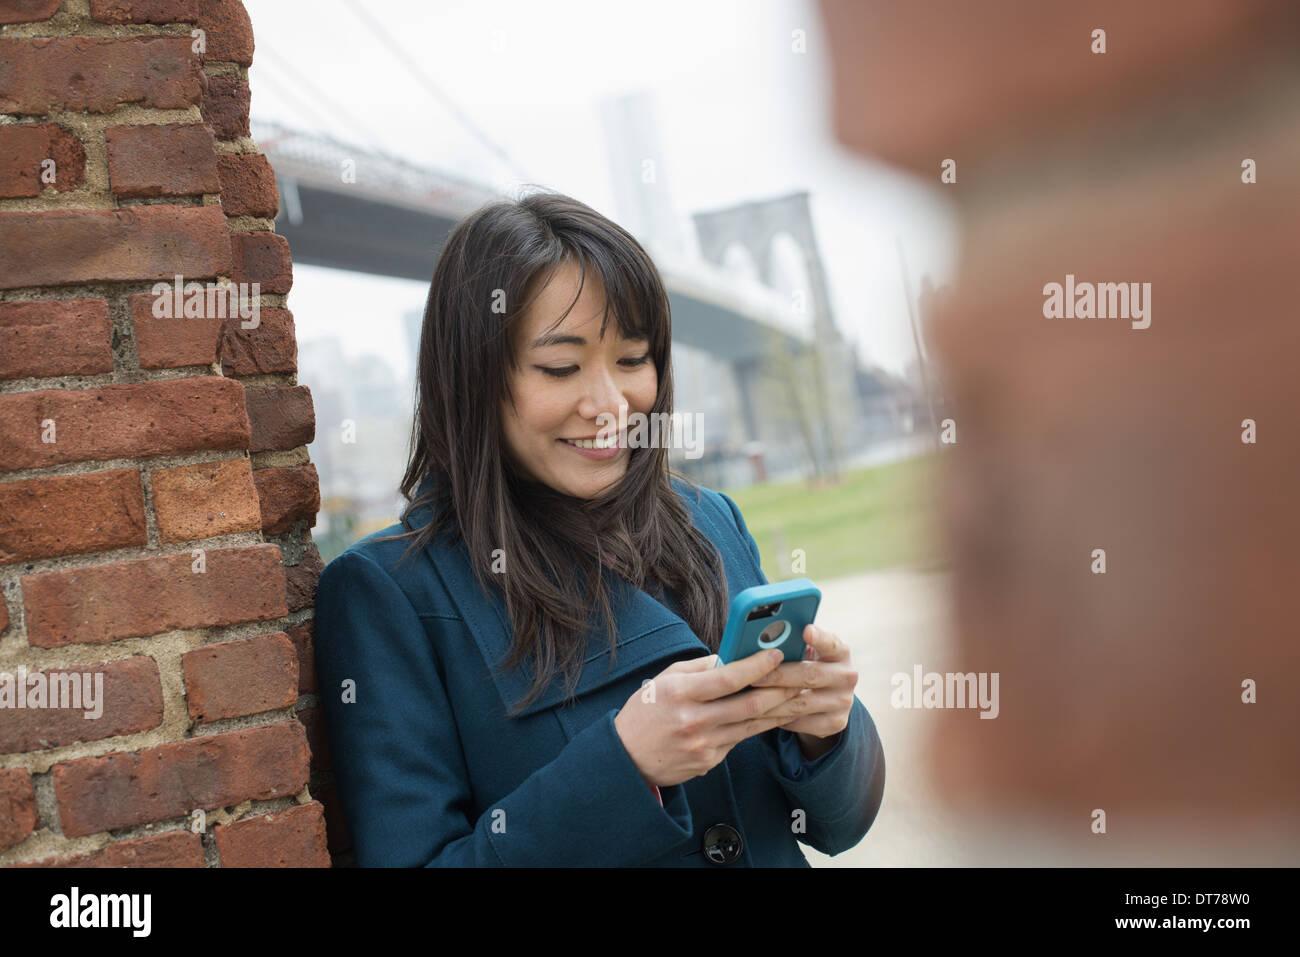 La città di New York. Il Ponte di Brooklyn attraversando la East River. Una donna appoggiata contro un muro di mattoni, controllando il suo telefono. Immagini Stock